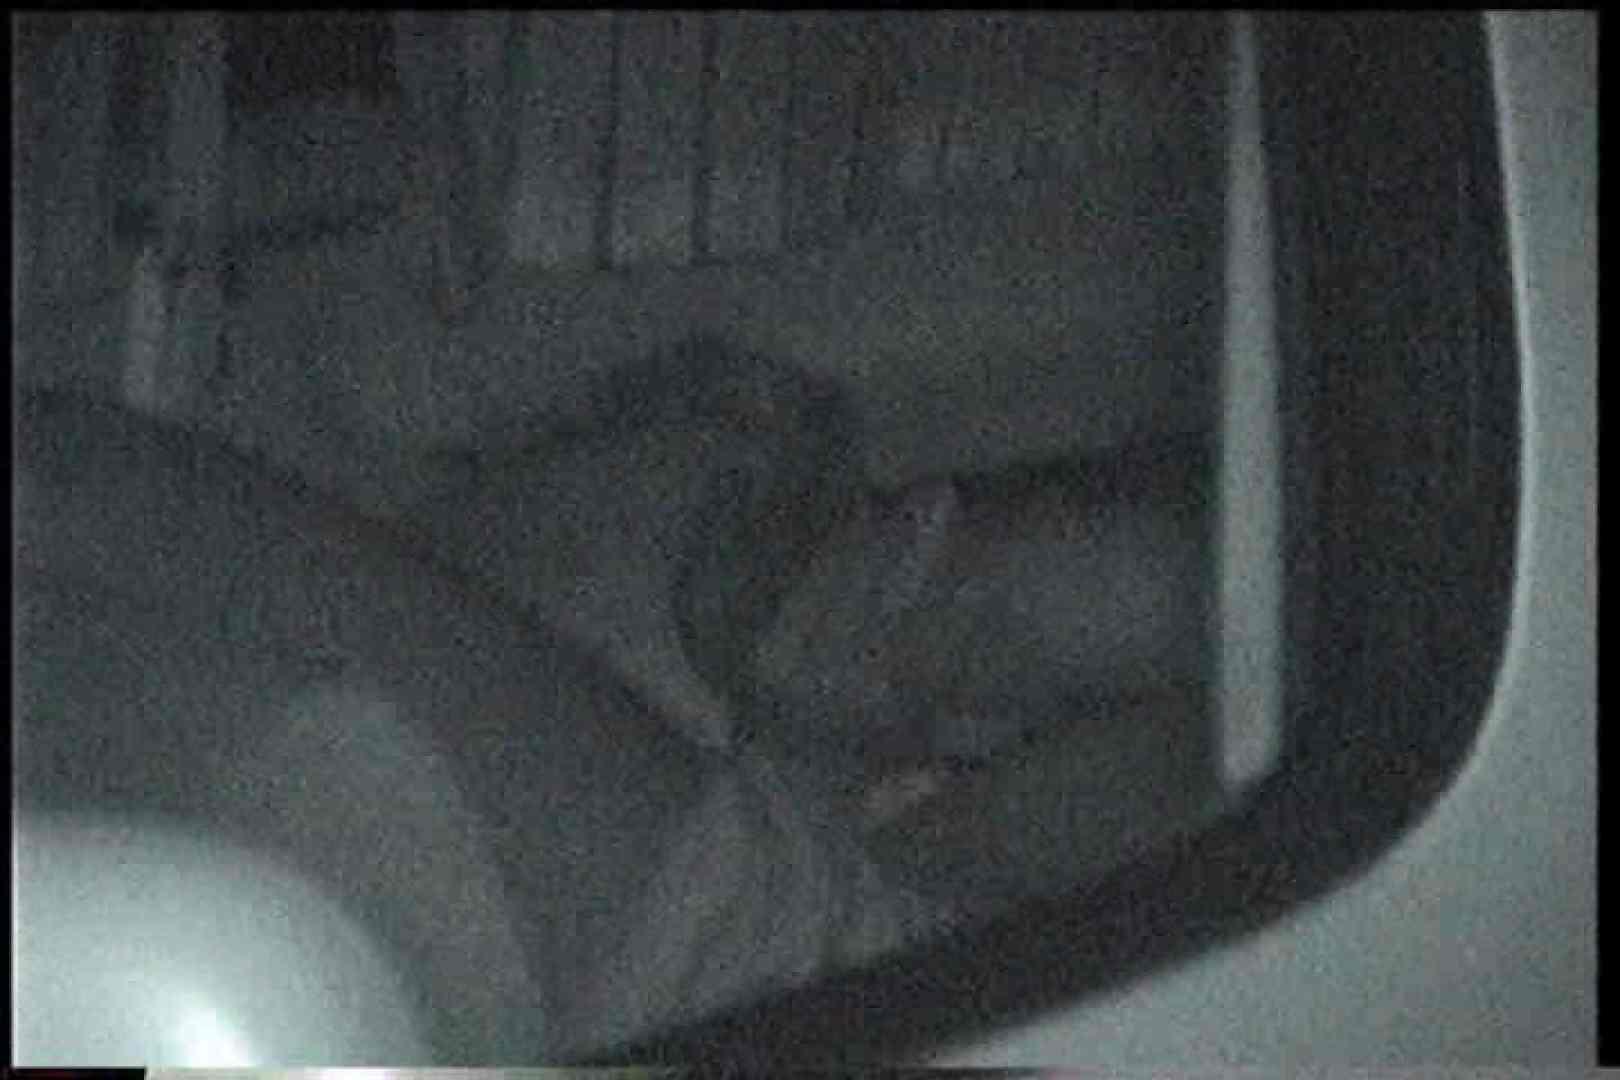 充血監督の深夜の運動会Vol.177 前編 OLセックス 盗み撮りオマンコ動画キャプチャ 79画像 58